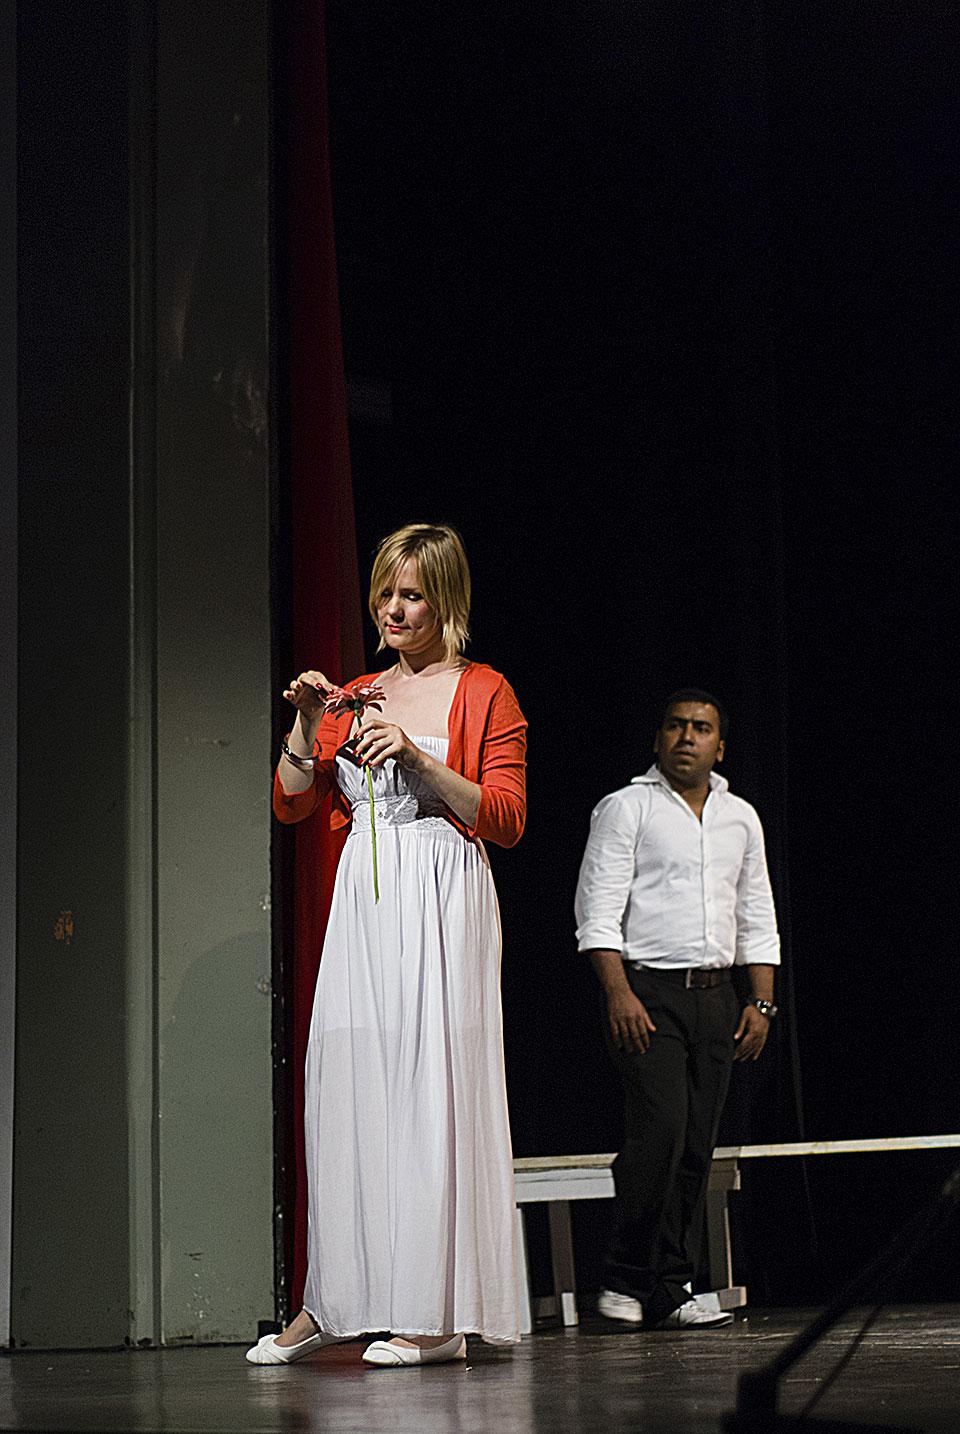 Teatro Monza 16-06-13 375-amore non e straniero-foto Marco Soldo